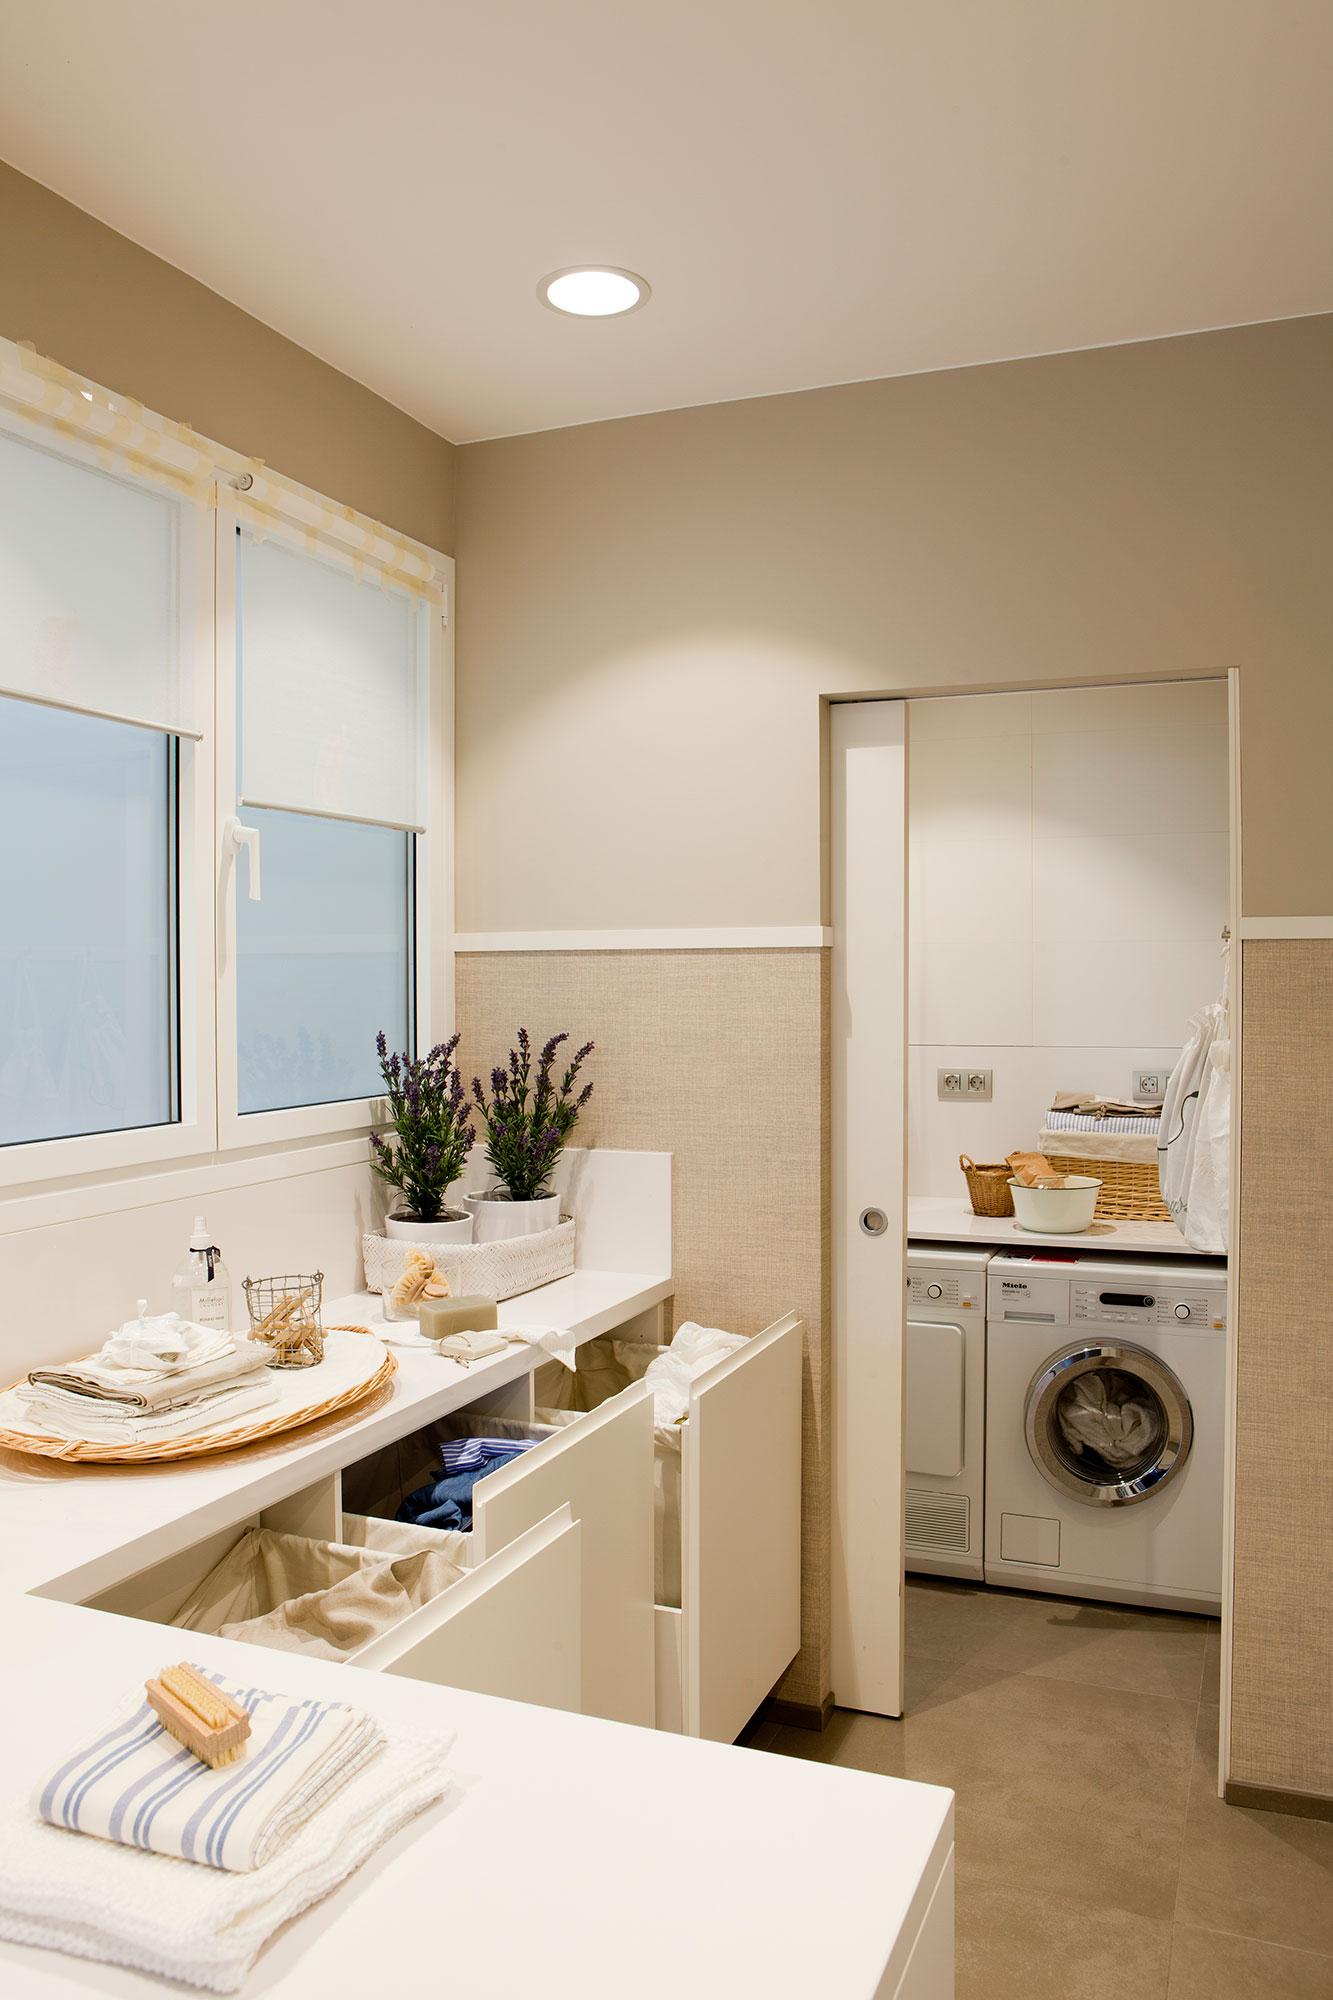 D nde poner la lavadora en casa for Ubicacion de cocina